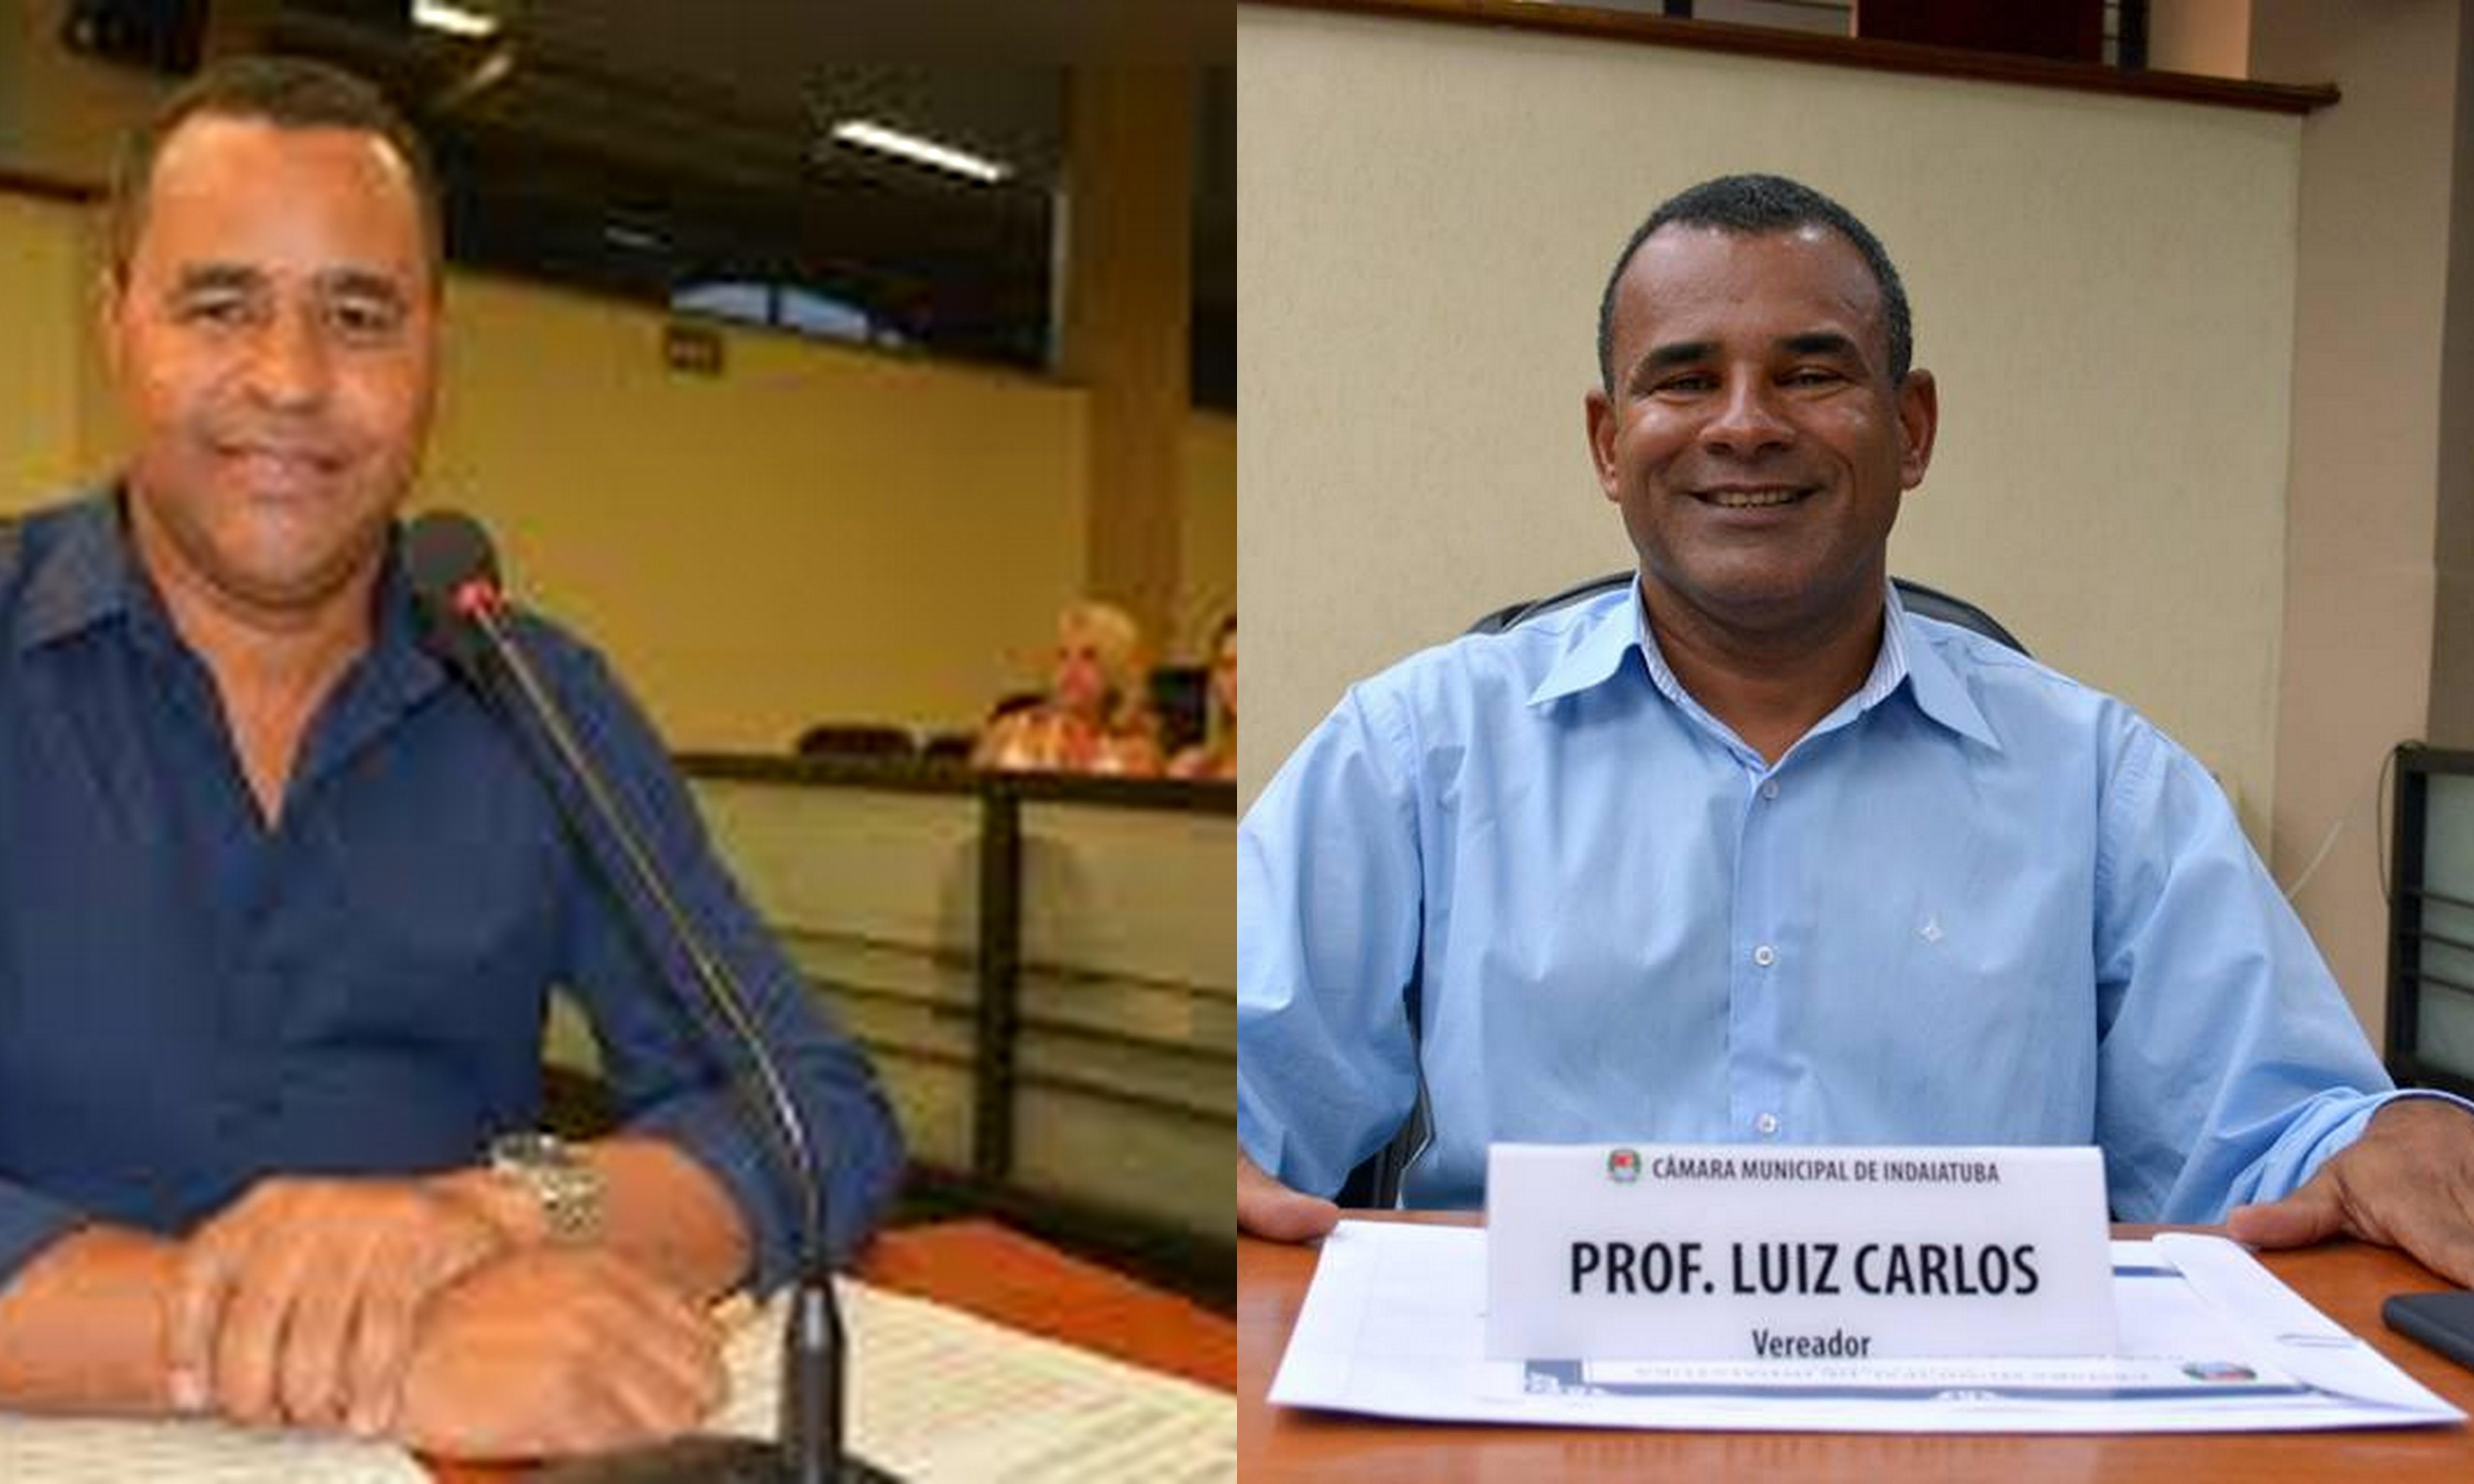 Pepo assume Habitação e Prof. Luiz Carlos fica na Câmara